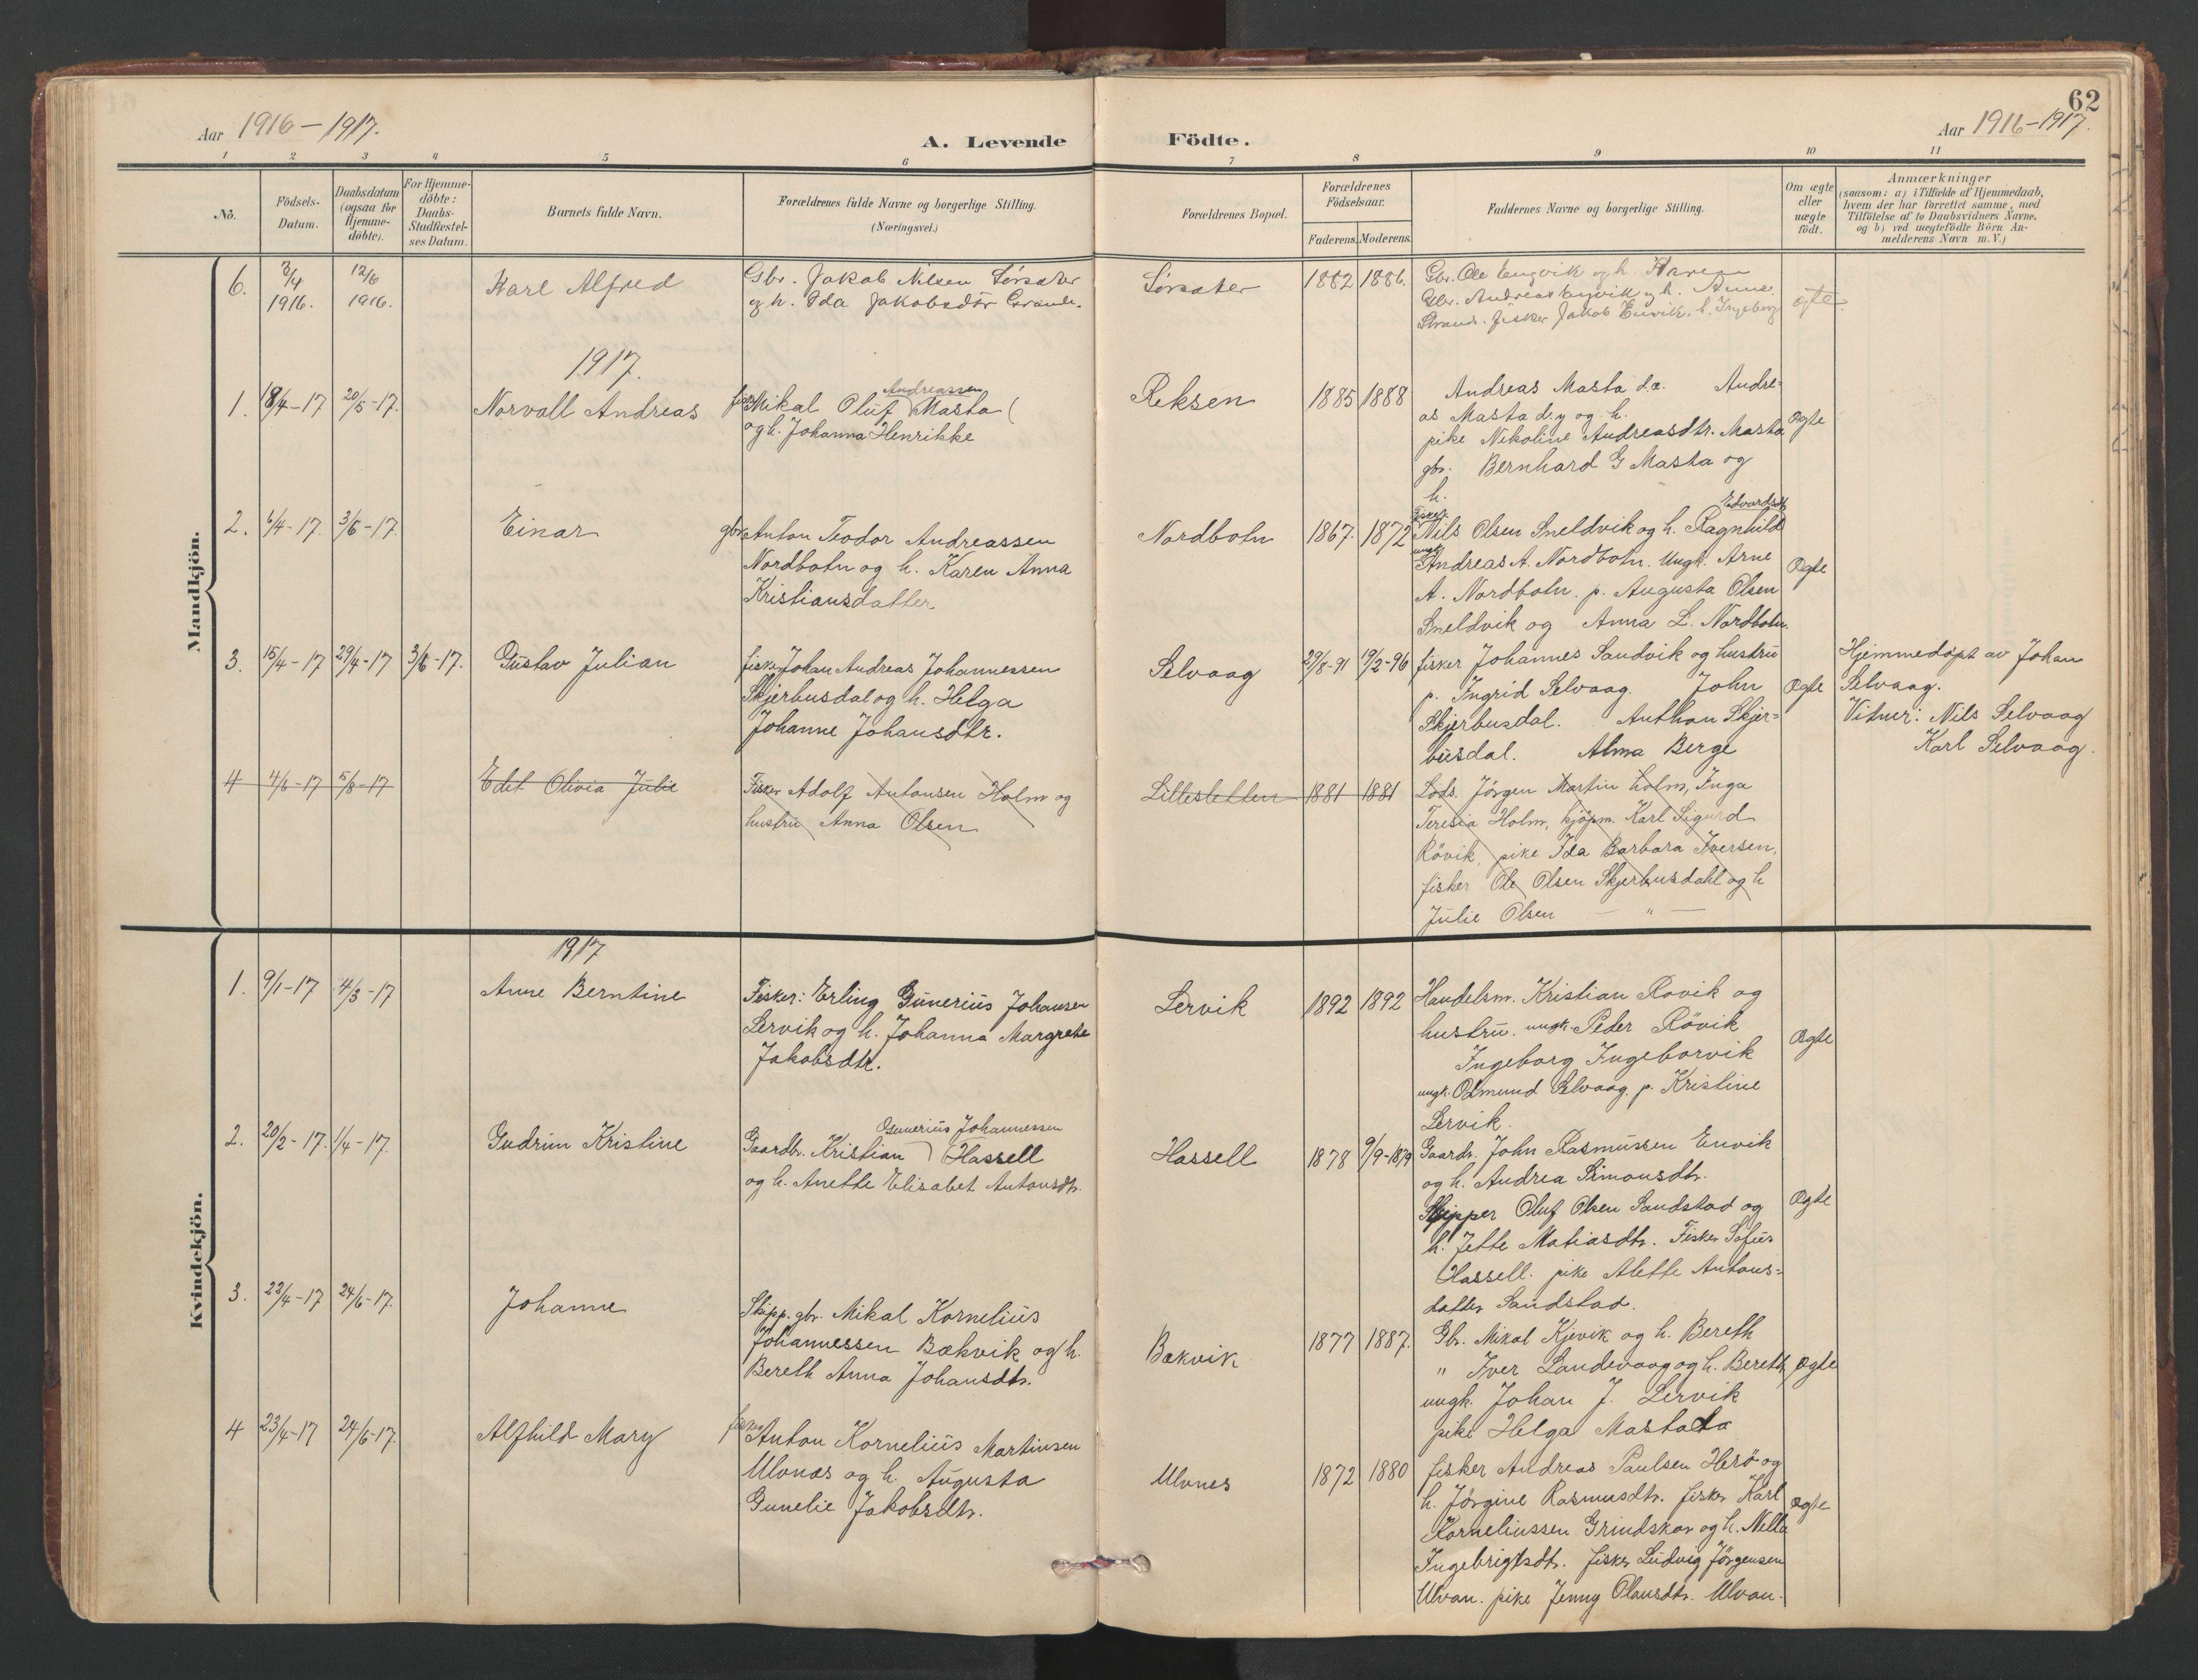 SAT, Ministerialprotokoller, klokkerbøker og fødselsregistre - Sør-Trøndelag, 638/L0571: Klokkerbok nr. 638C03, 1901-1930, s. 62